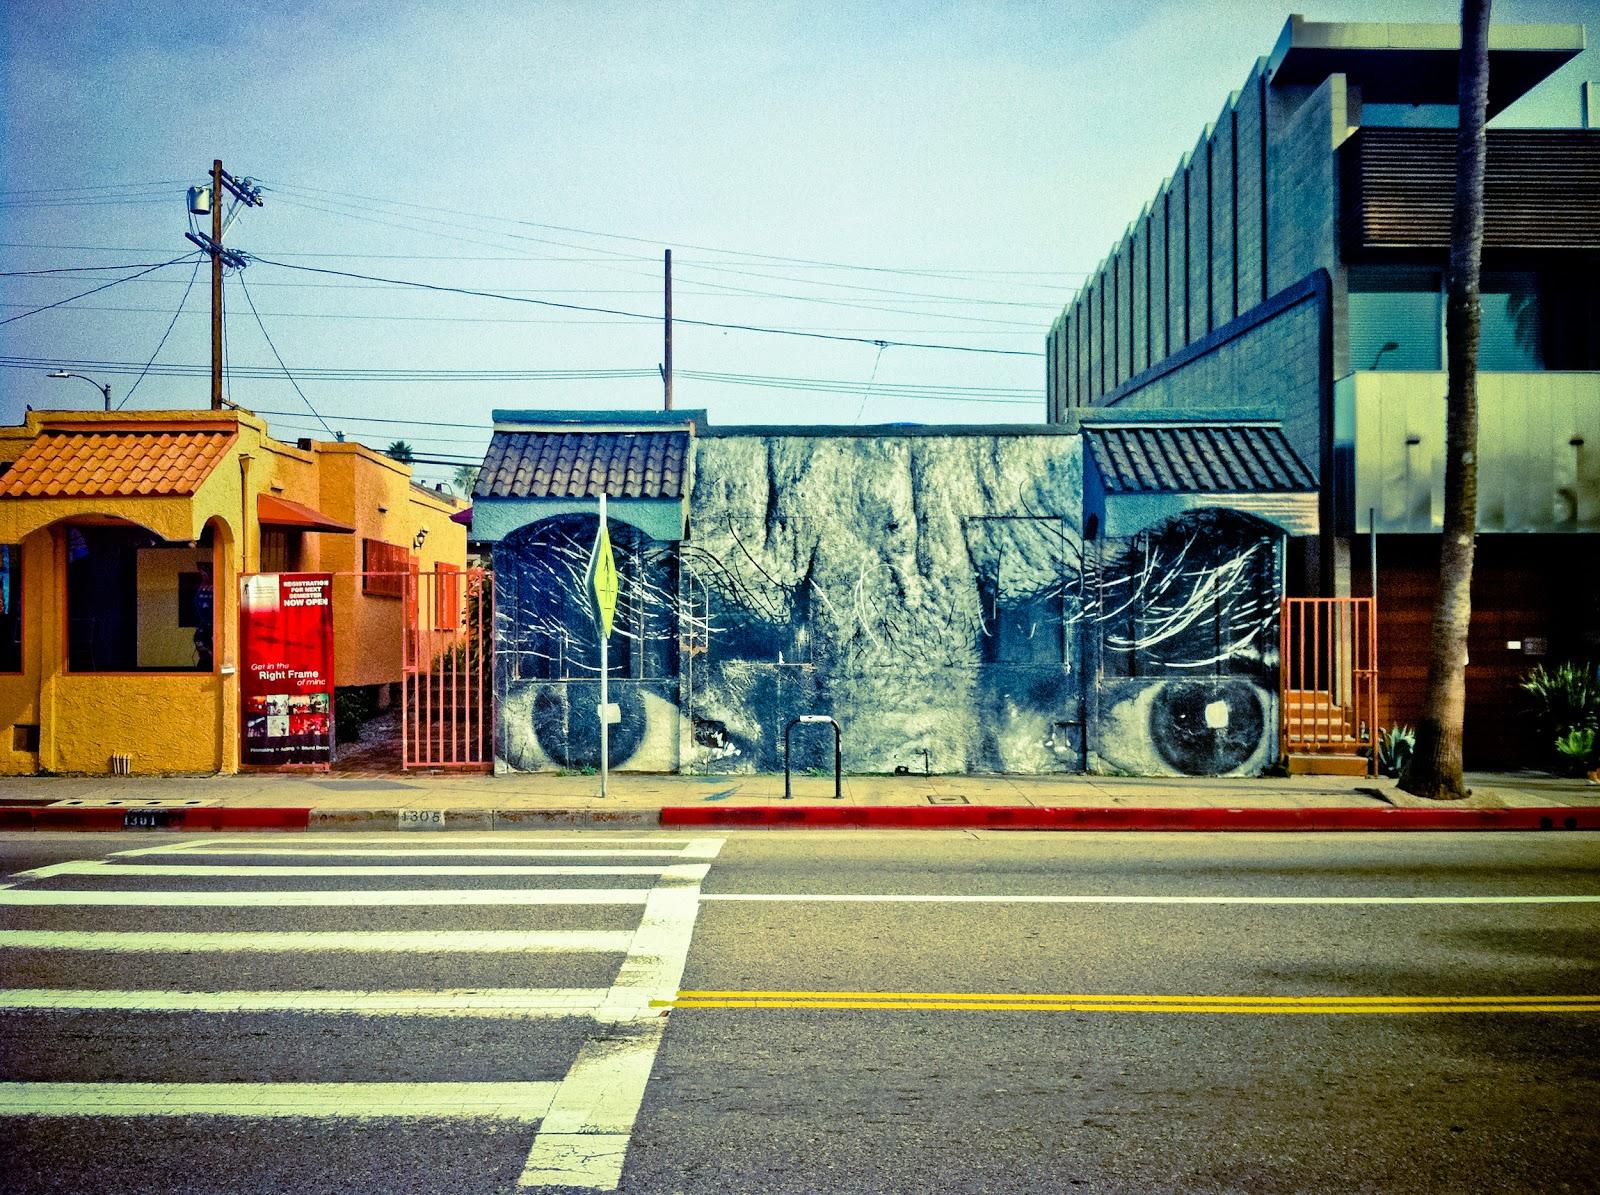 JR Mural On Abbot Kinney Blvd Venice California